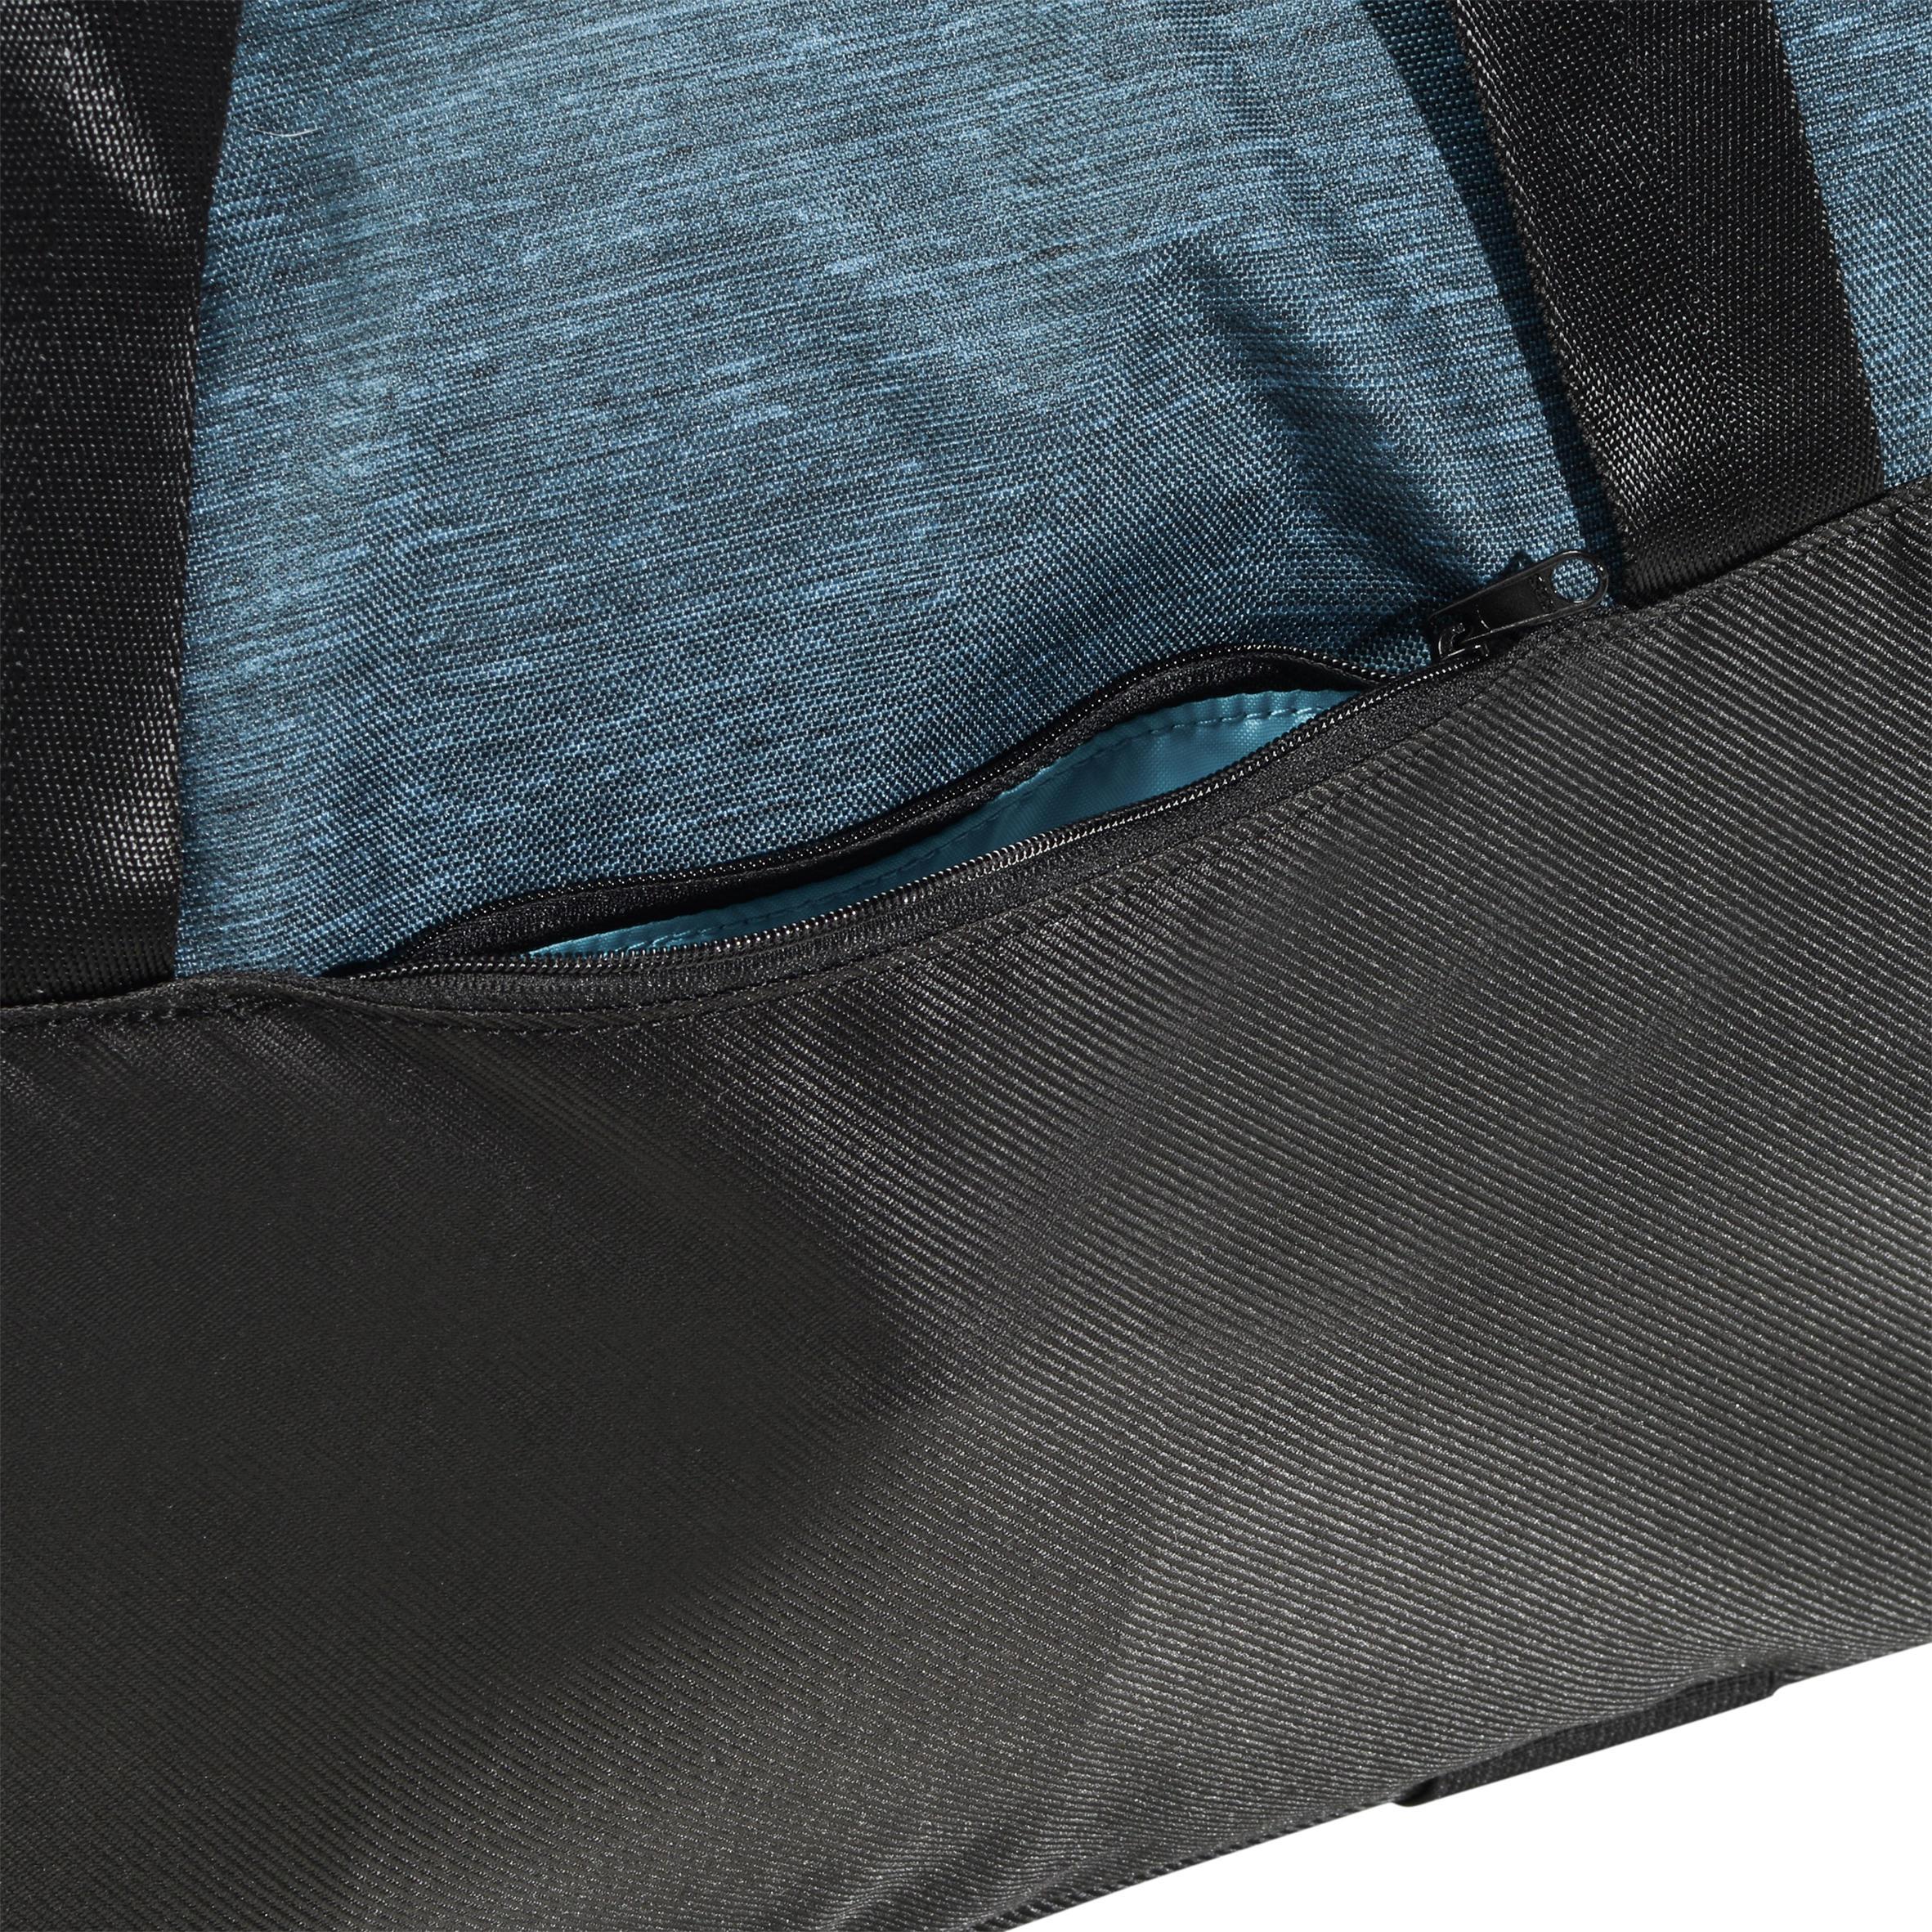 Cardio Fitness Bag 30-Litre - Petrol Blue/Black